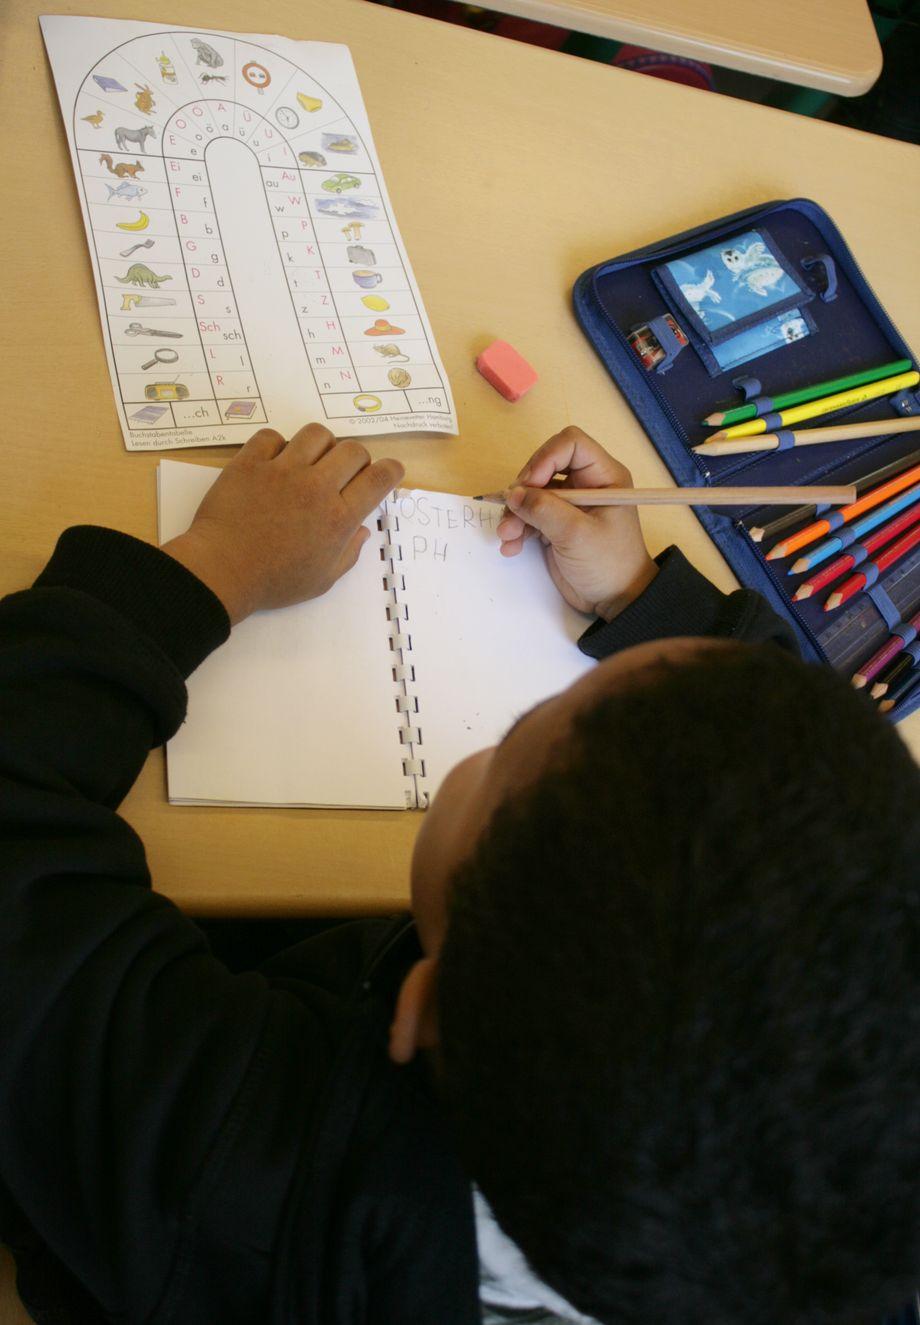 Dürfen Lehrer Mit Schülern Auf Whatsapp Schreiben